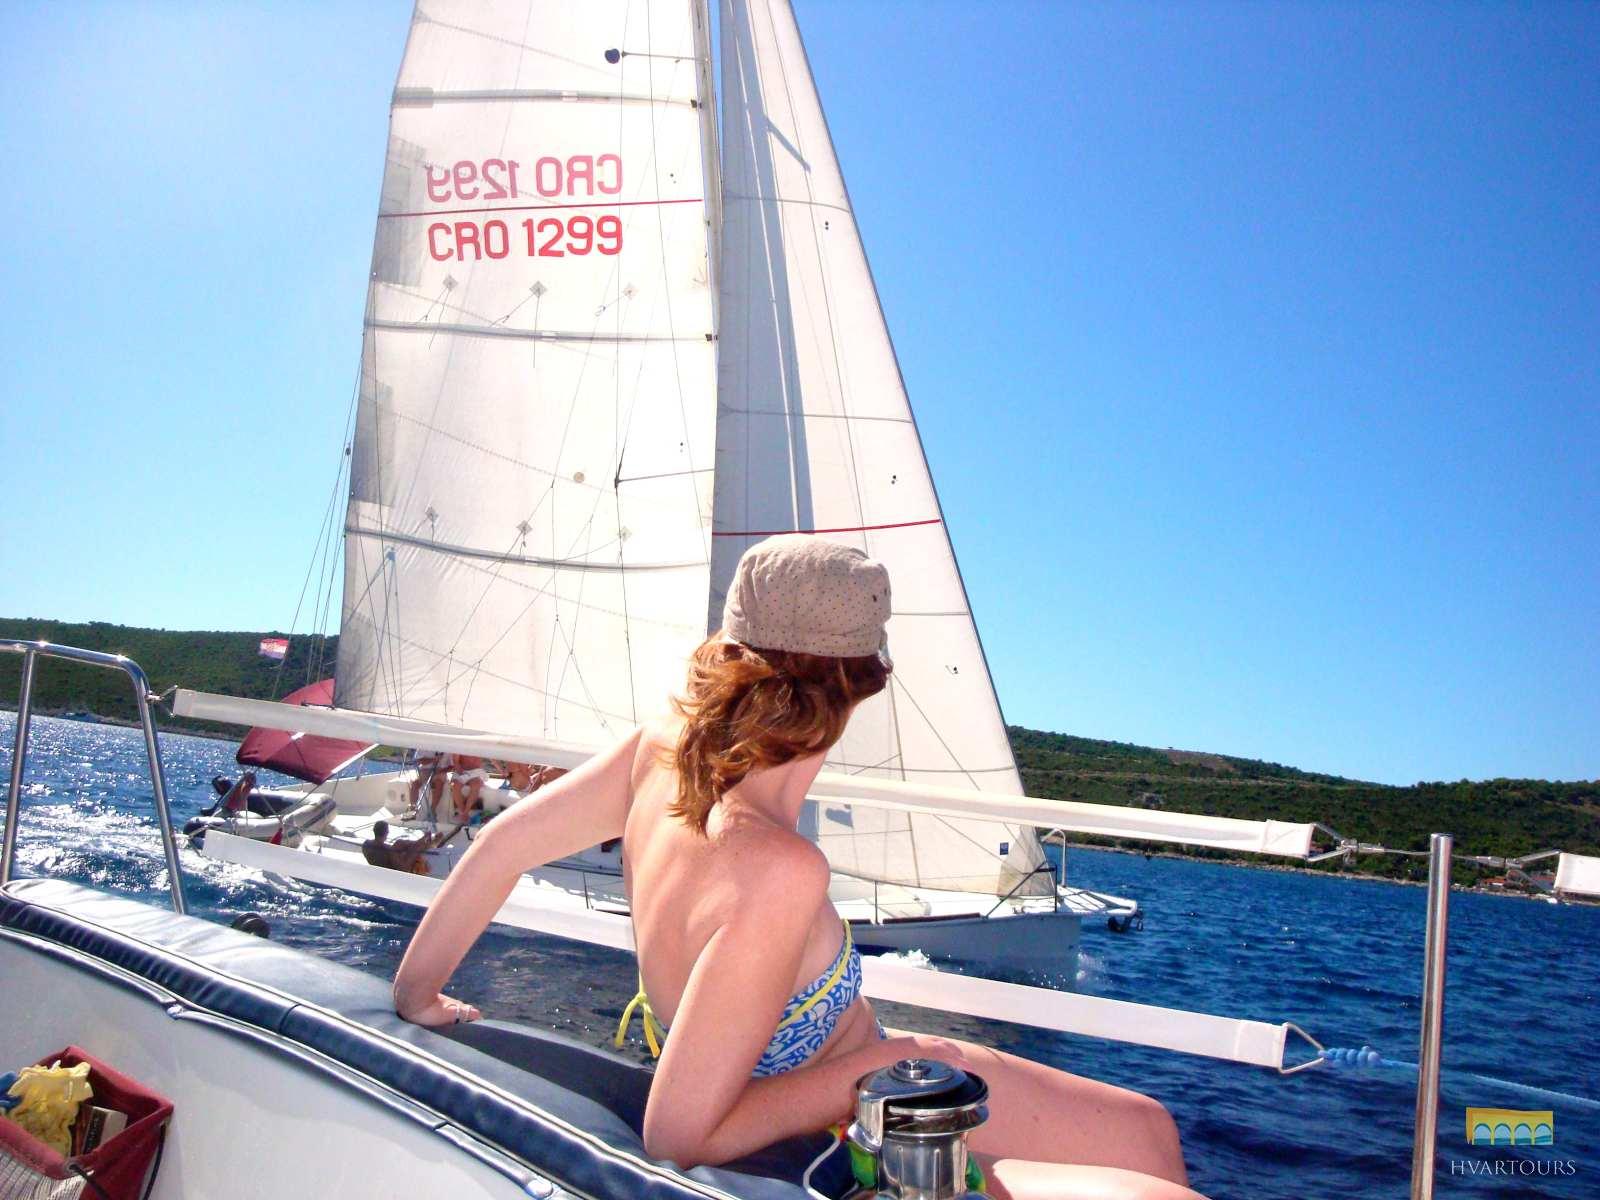 Sailing the Hvar archipelago